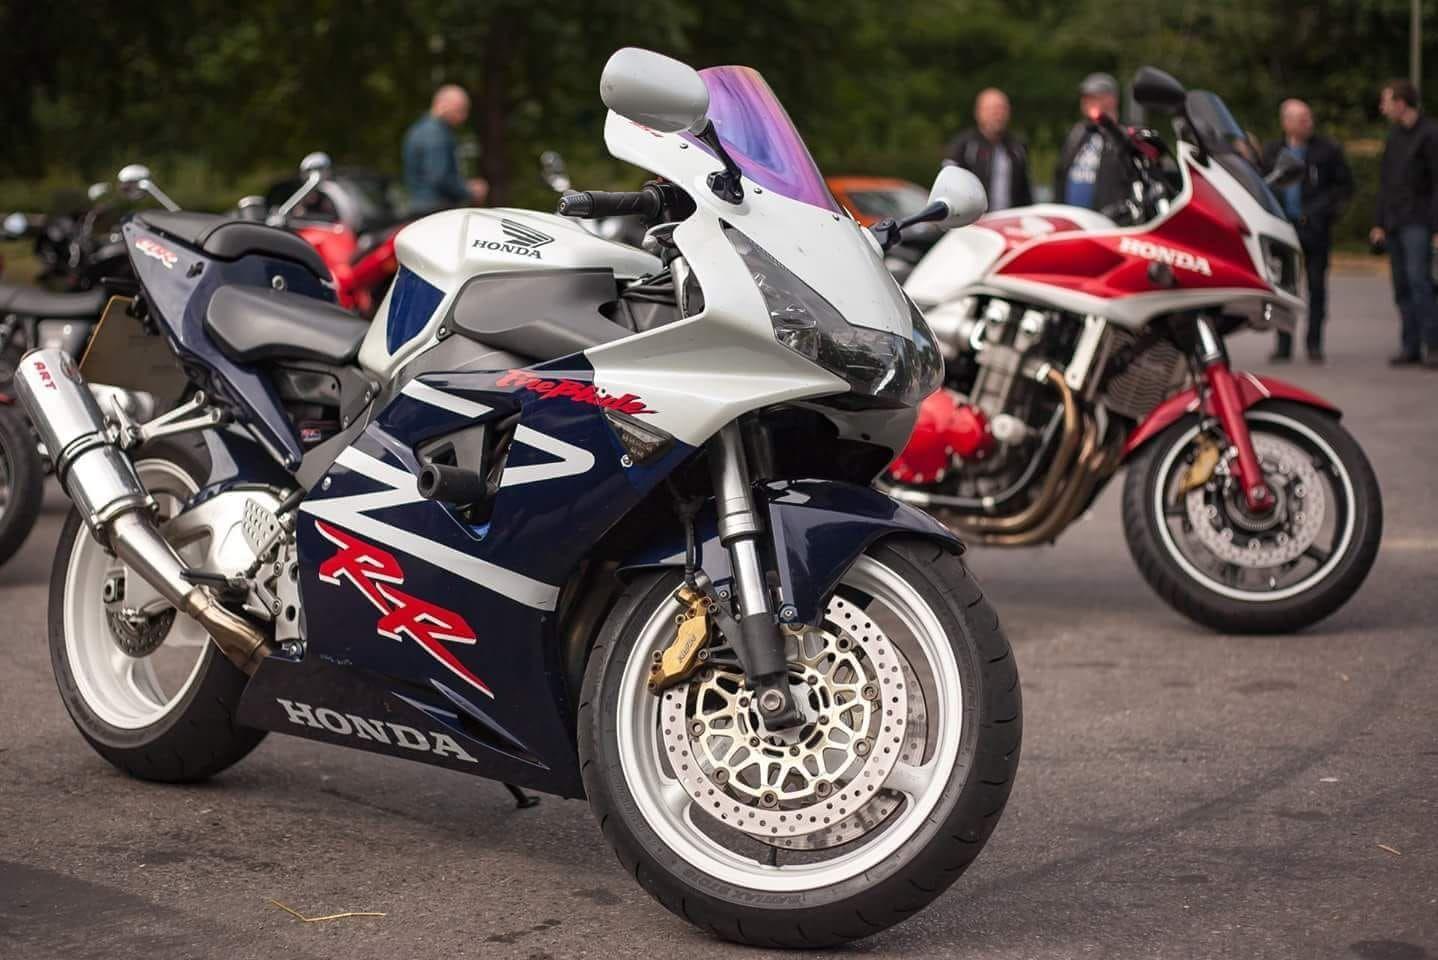 2003 Honda CBR 954 RR white